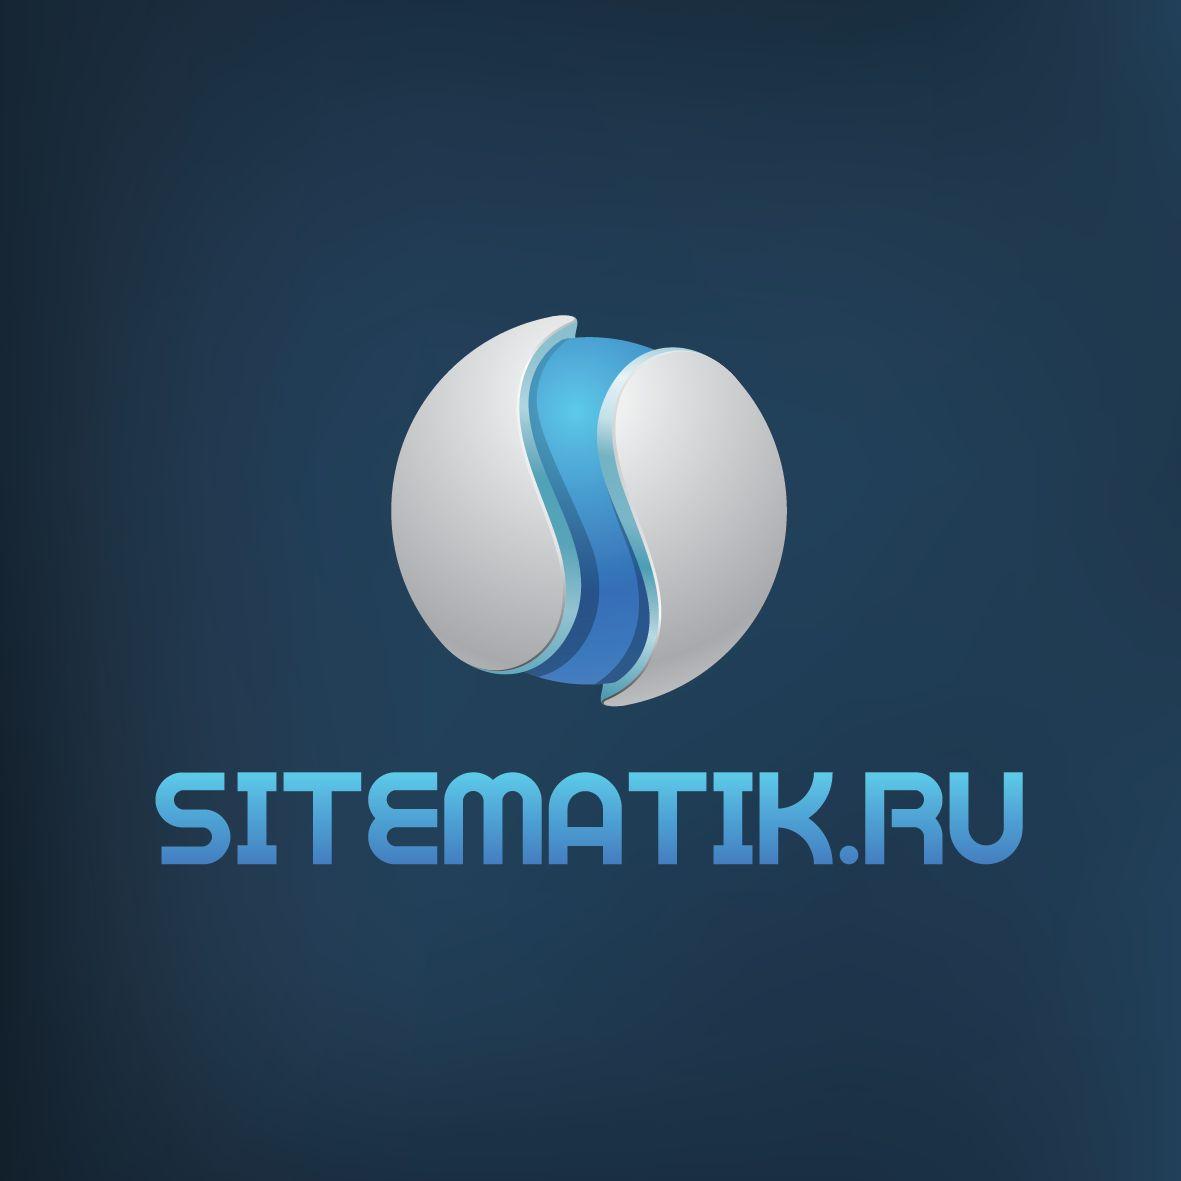 Логотип для Веб-студии - дизайнер kit-design